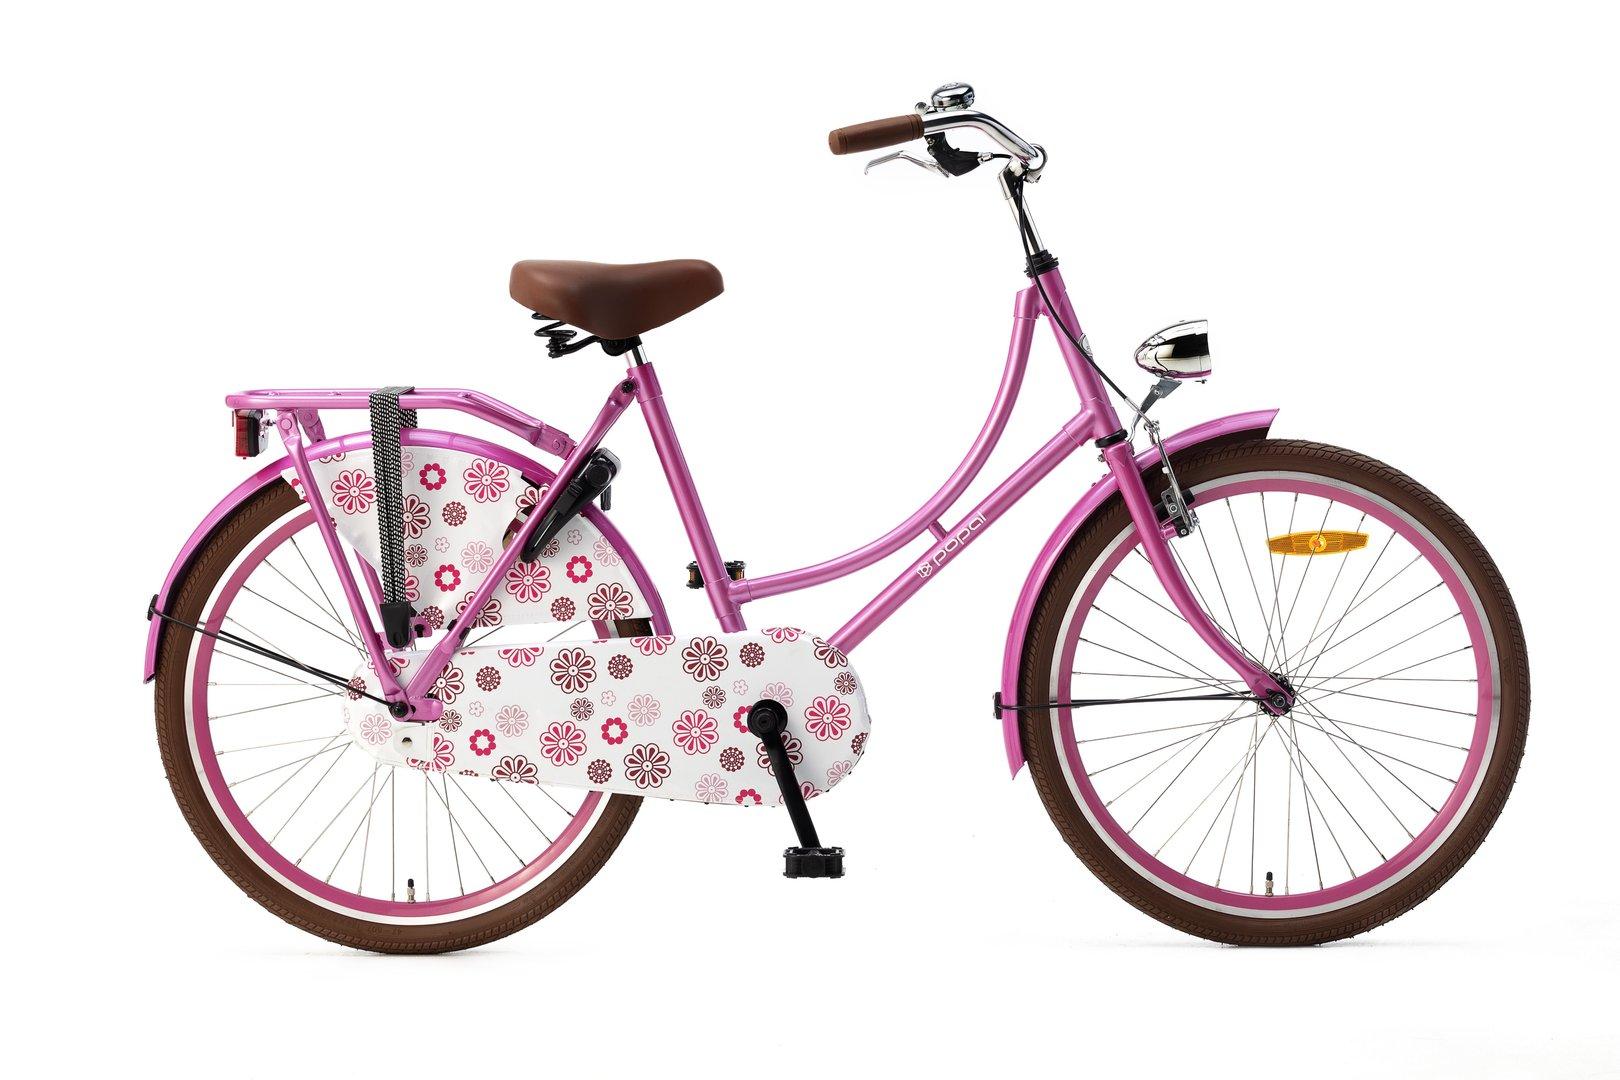 Fahrrad 24 Zoll Günstig